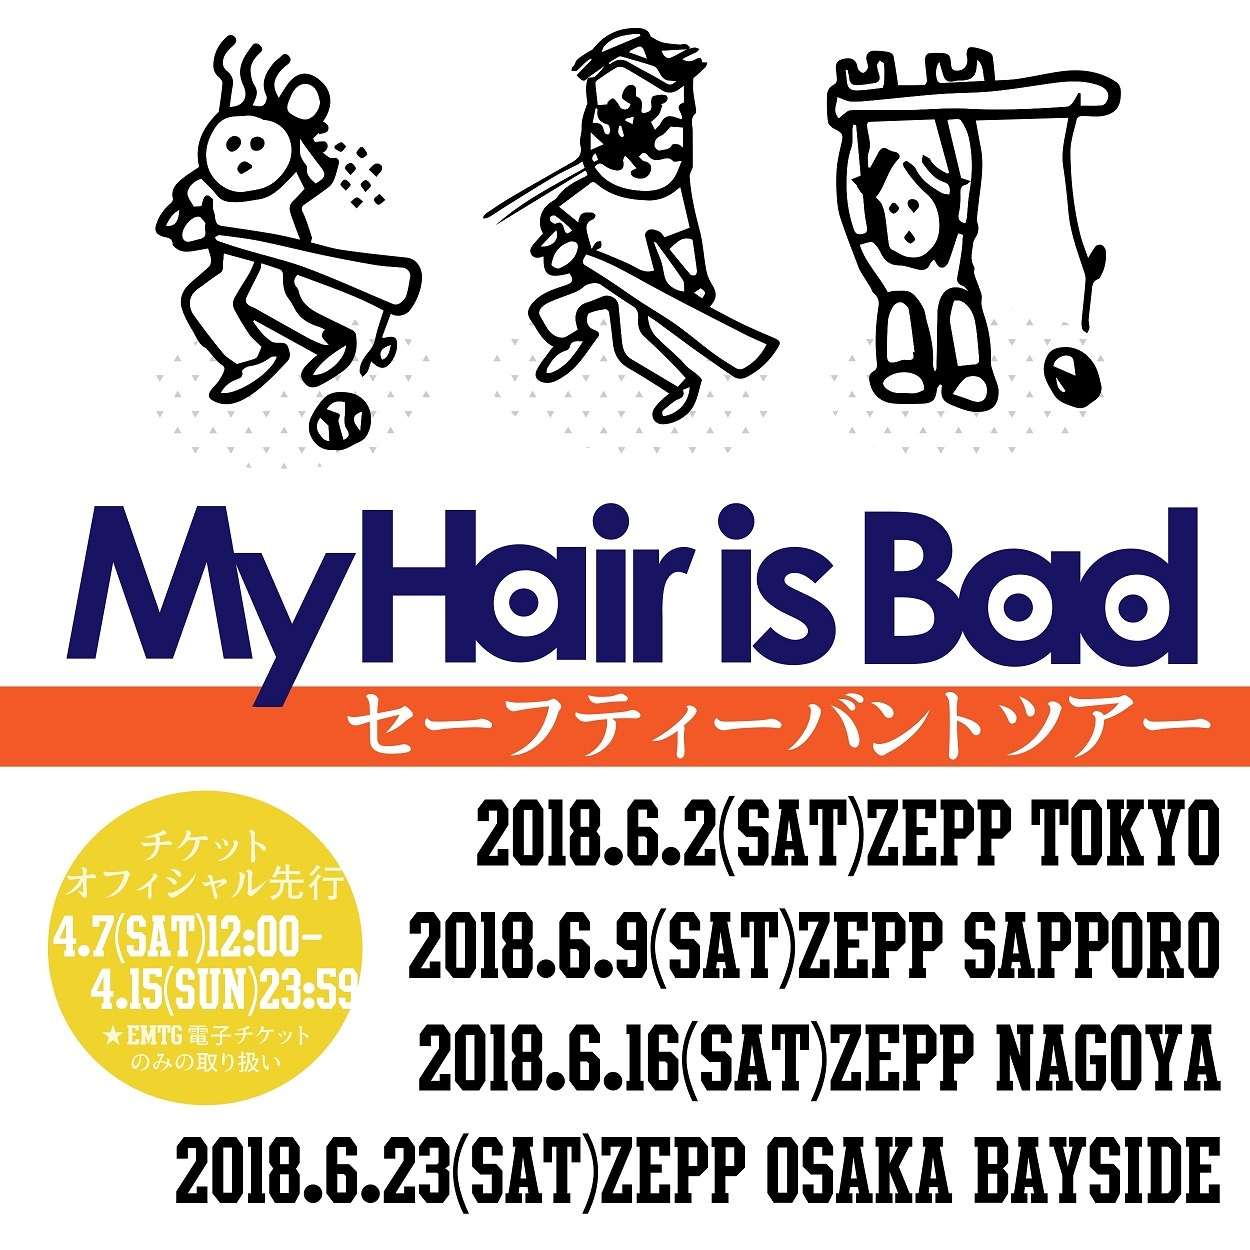 My Hair is Bad『セーフティーバントツアー』